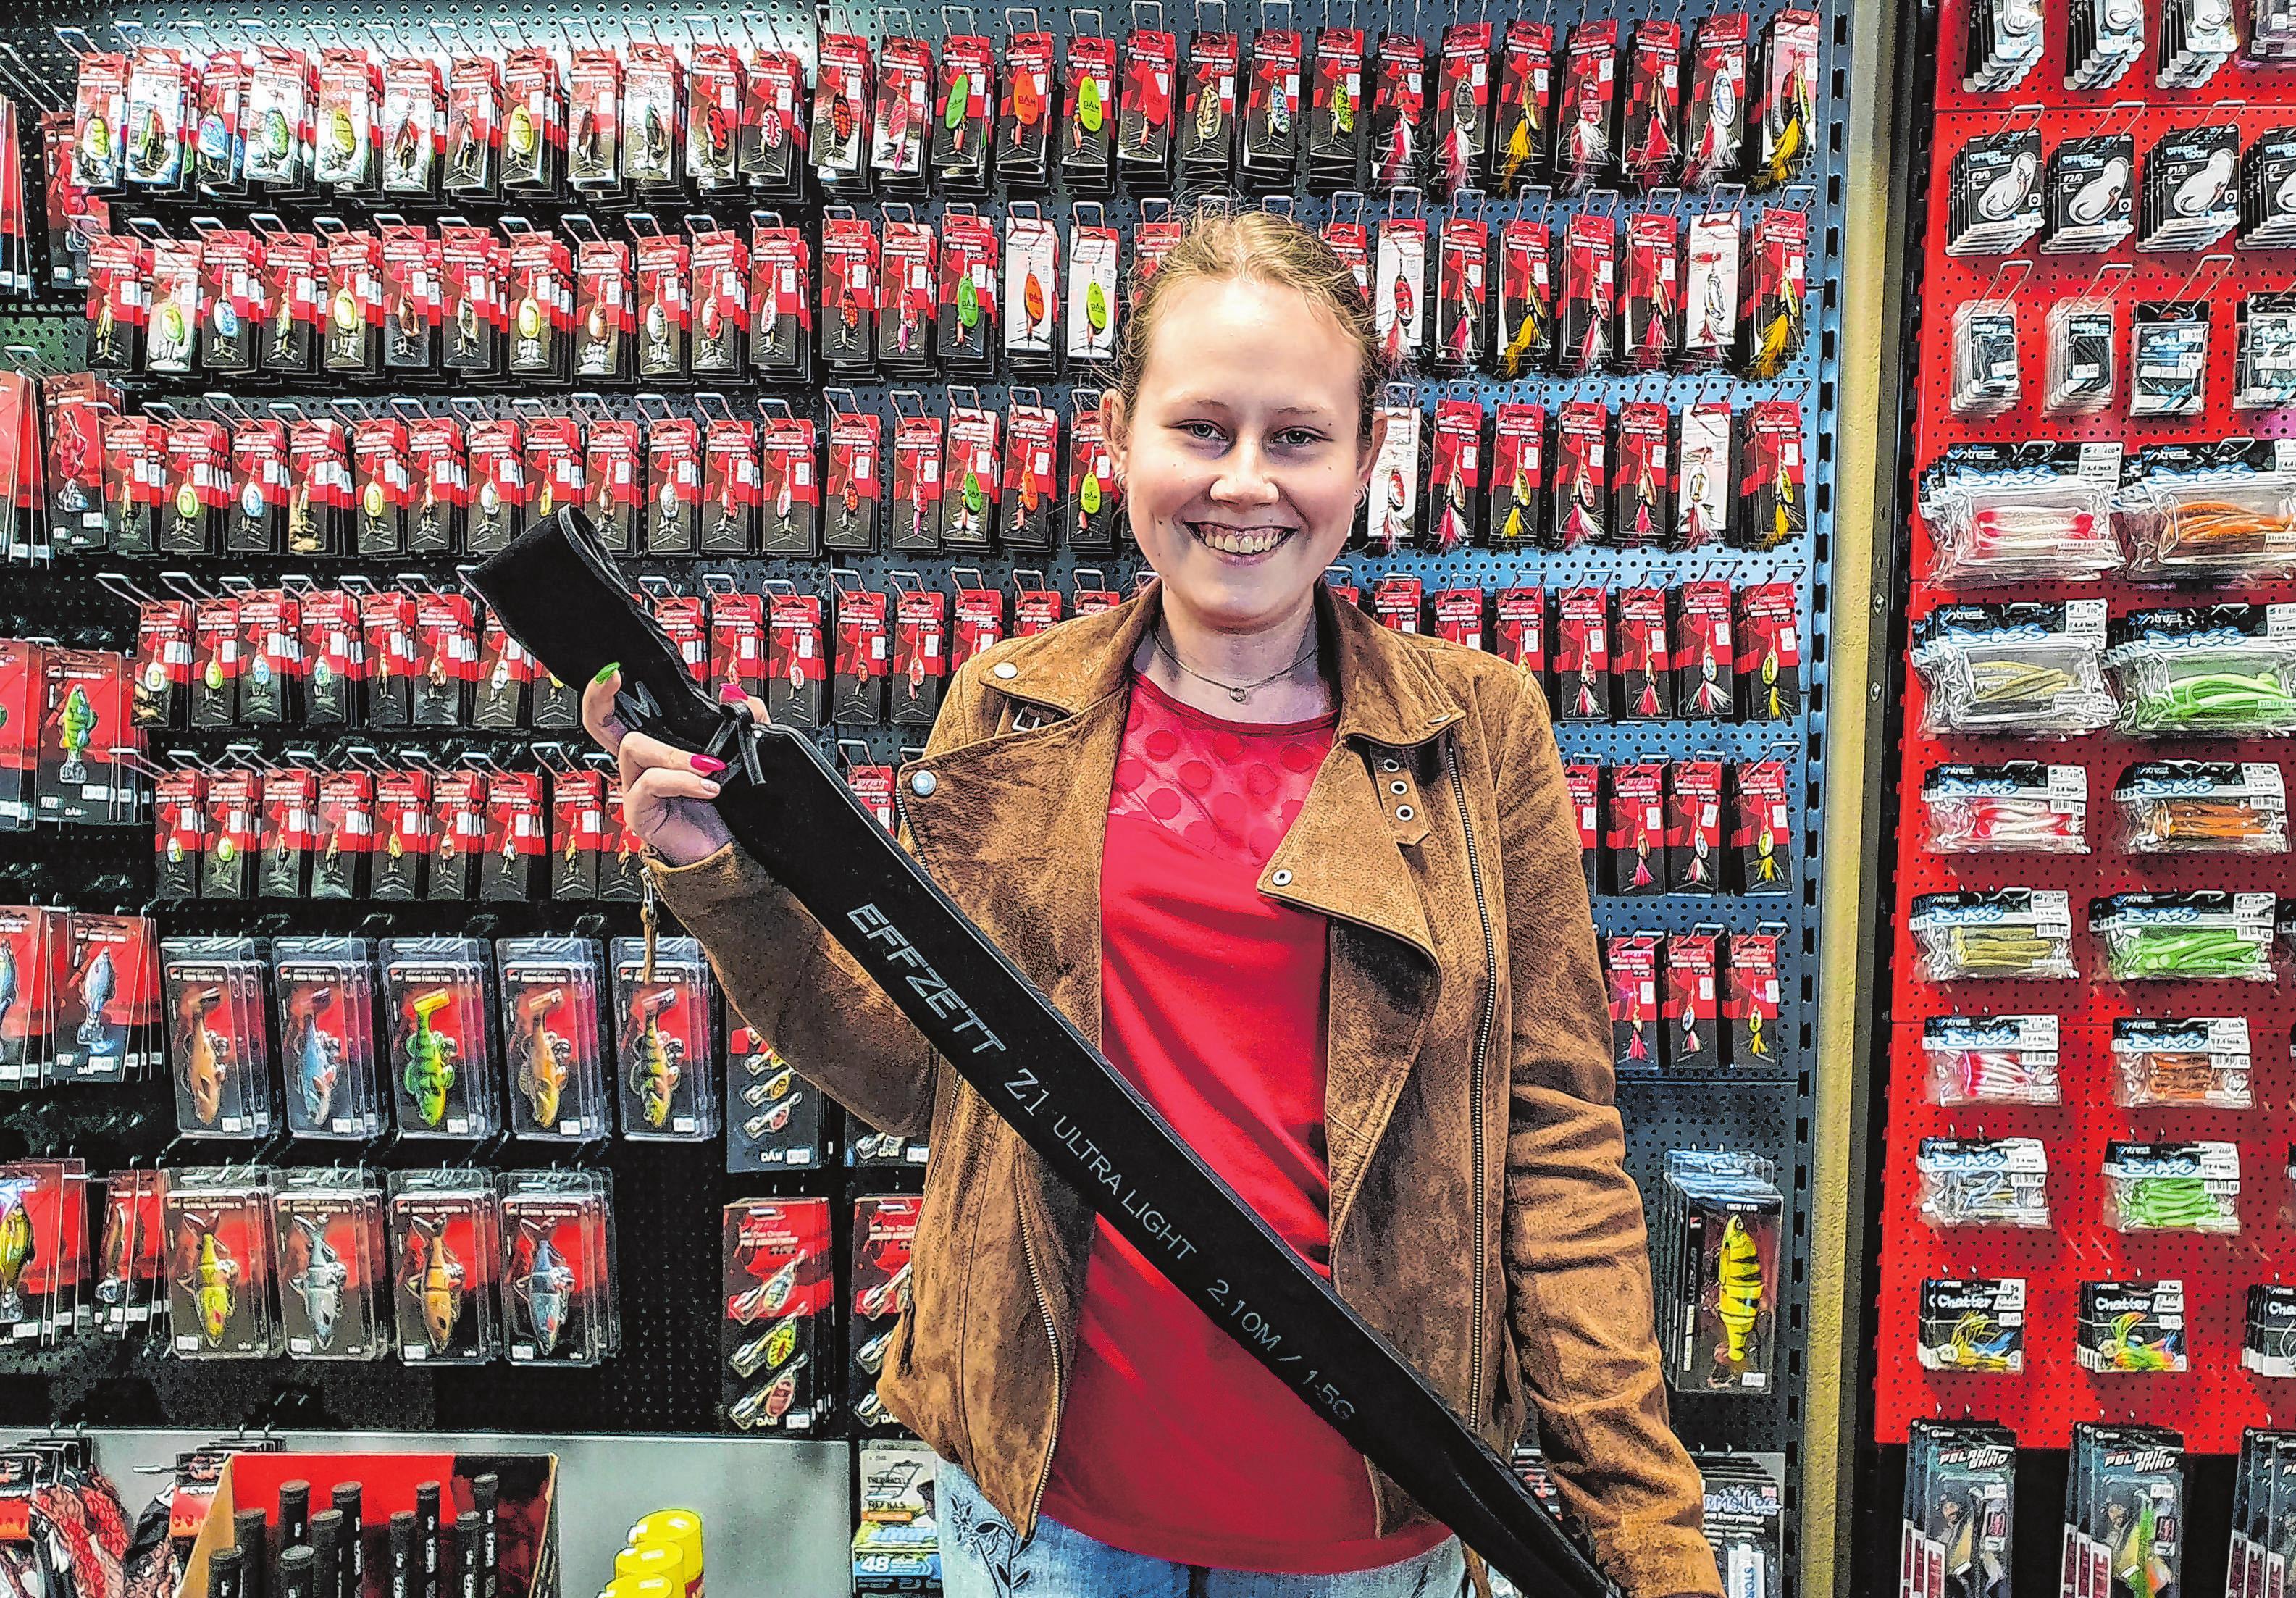 Jenny Bark heißt die glückliche Gewinnerin der ausgelobten Z1 Ultralight Barschrute aus dem Hause D.A.M. im Wert von 150 Euro. Sie hatte ihr schönstes Angelerlebnis nach dem Aufruf im Tackle Junkee in Wort und Bild geschildert. Foto: Privat